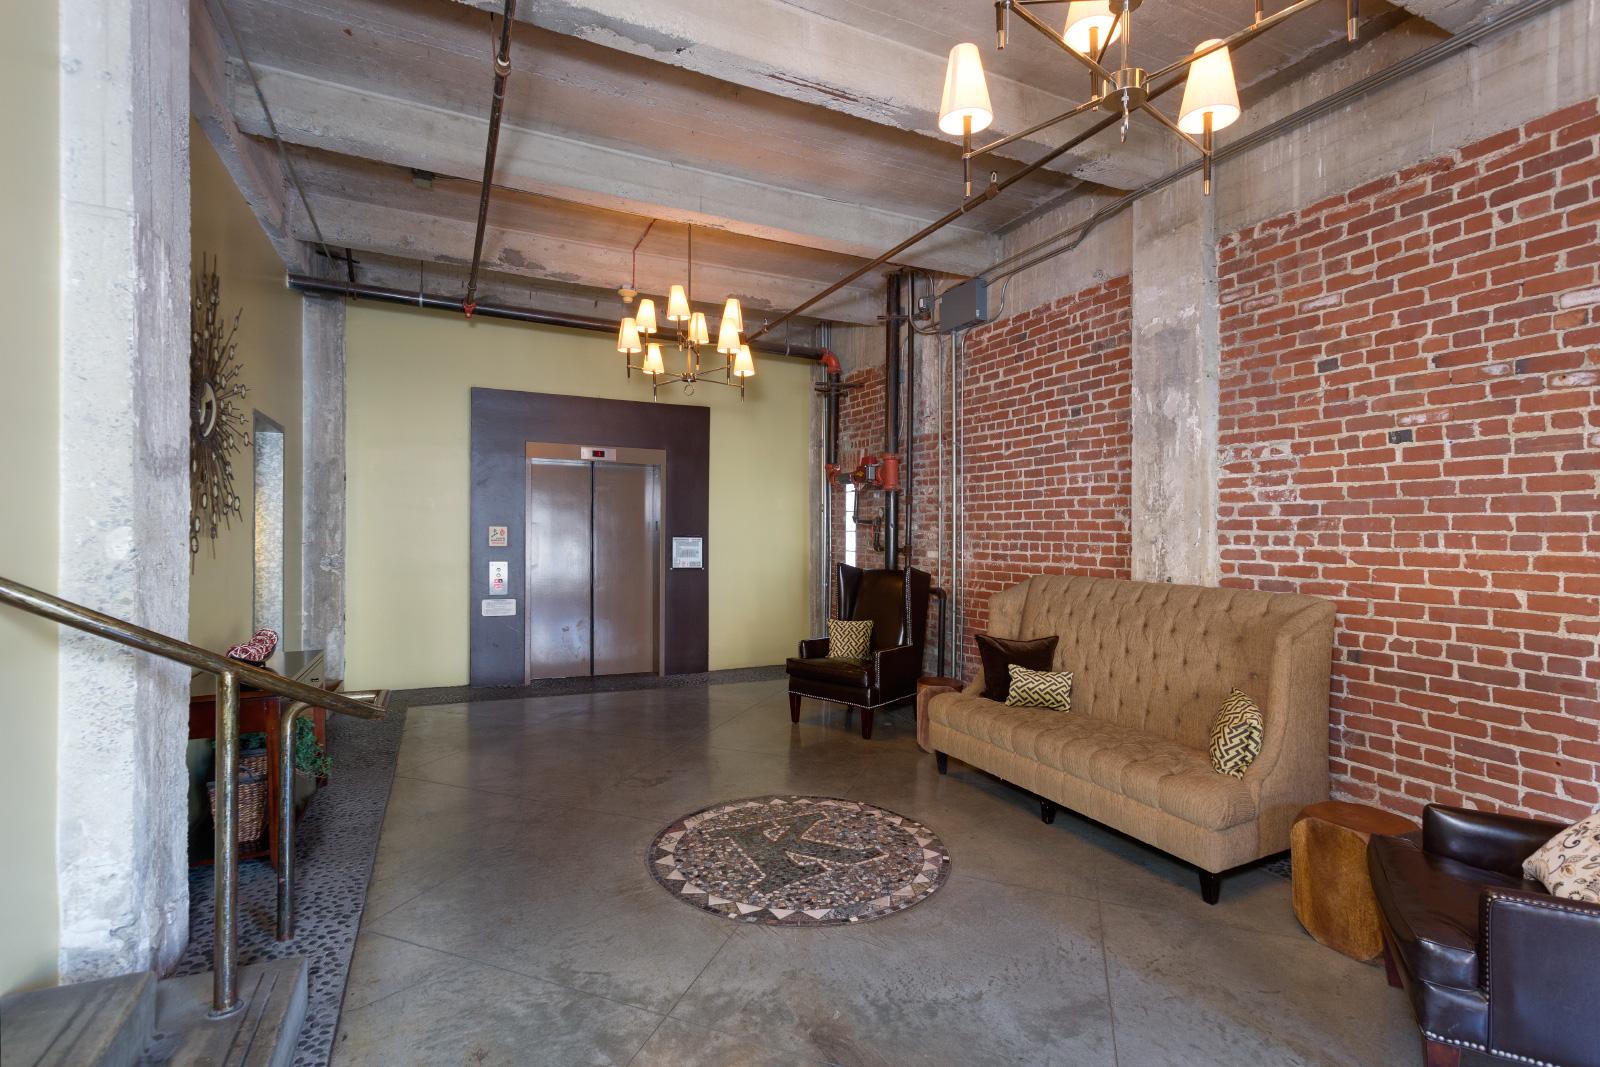 entrance-lobby_9709490651_o.jpg